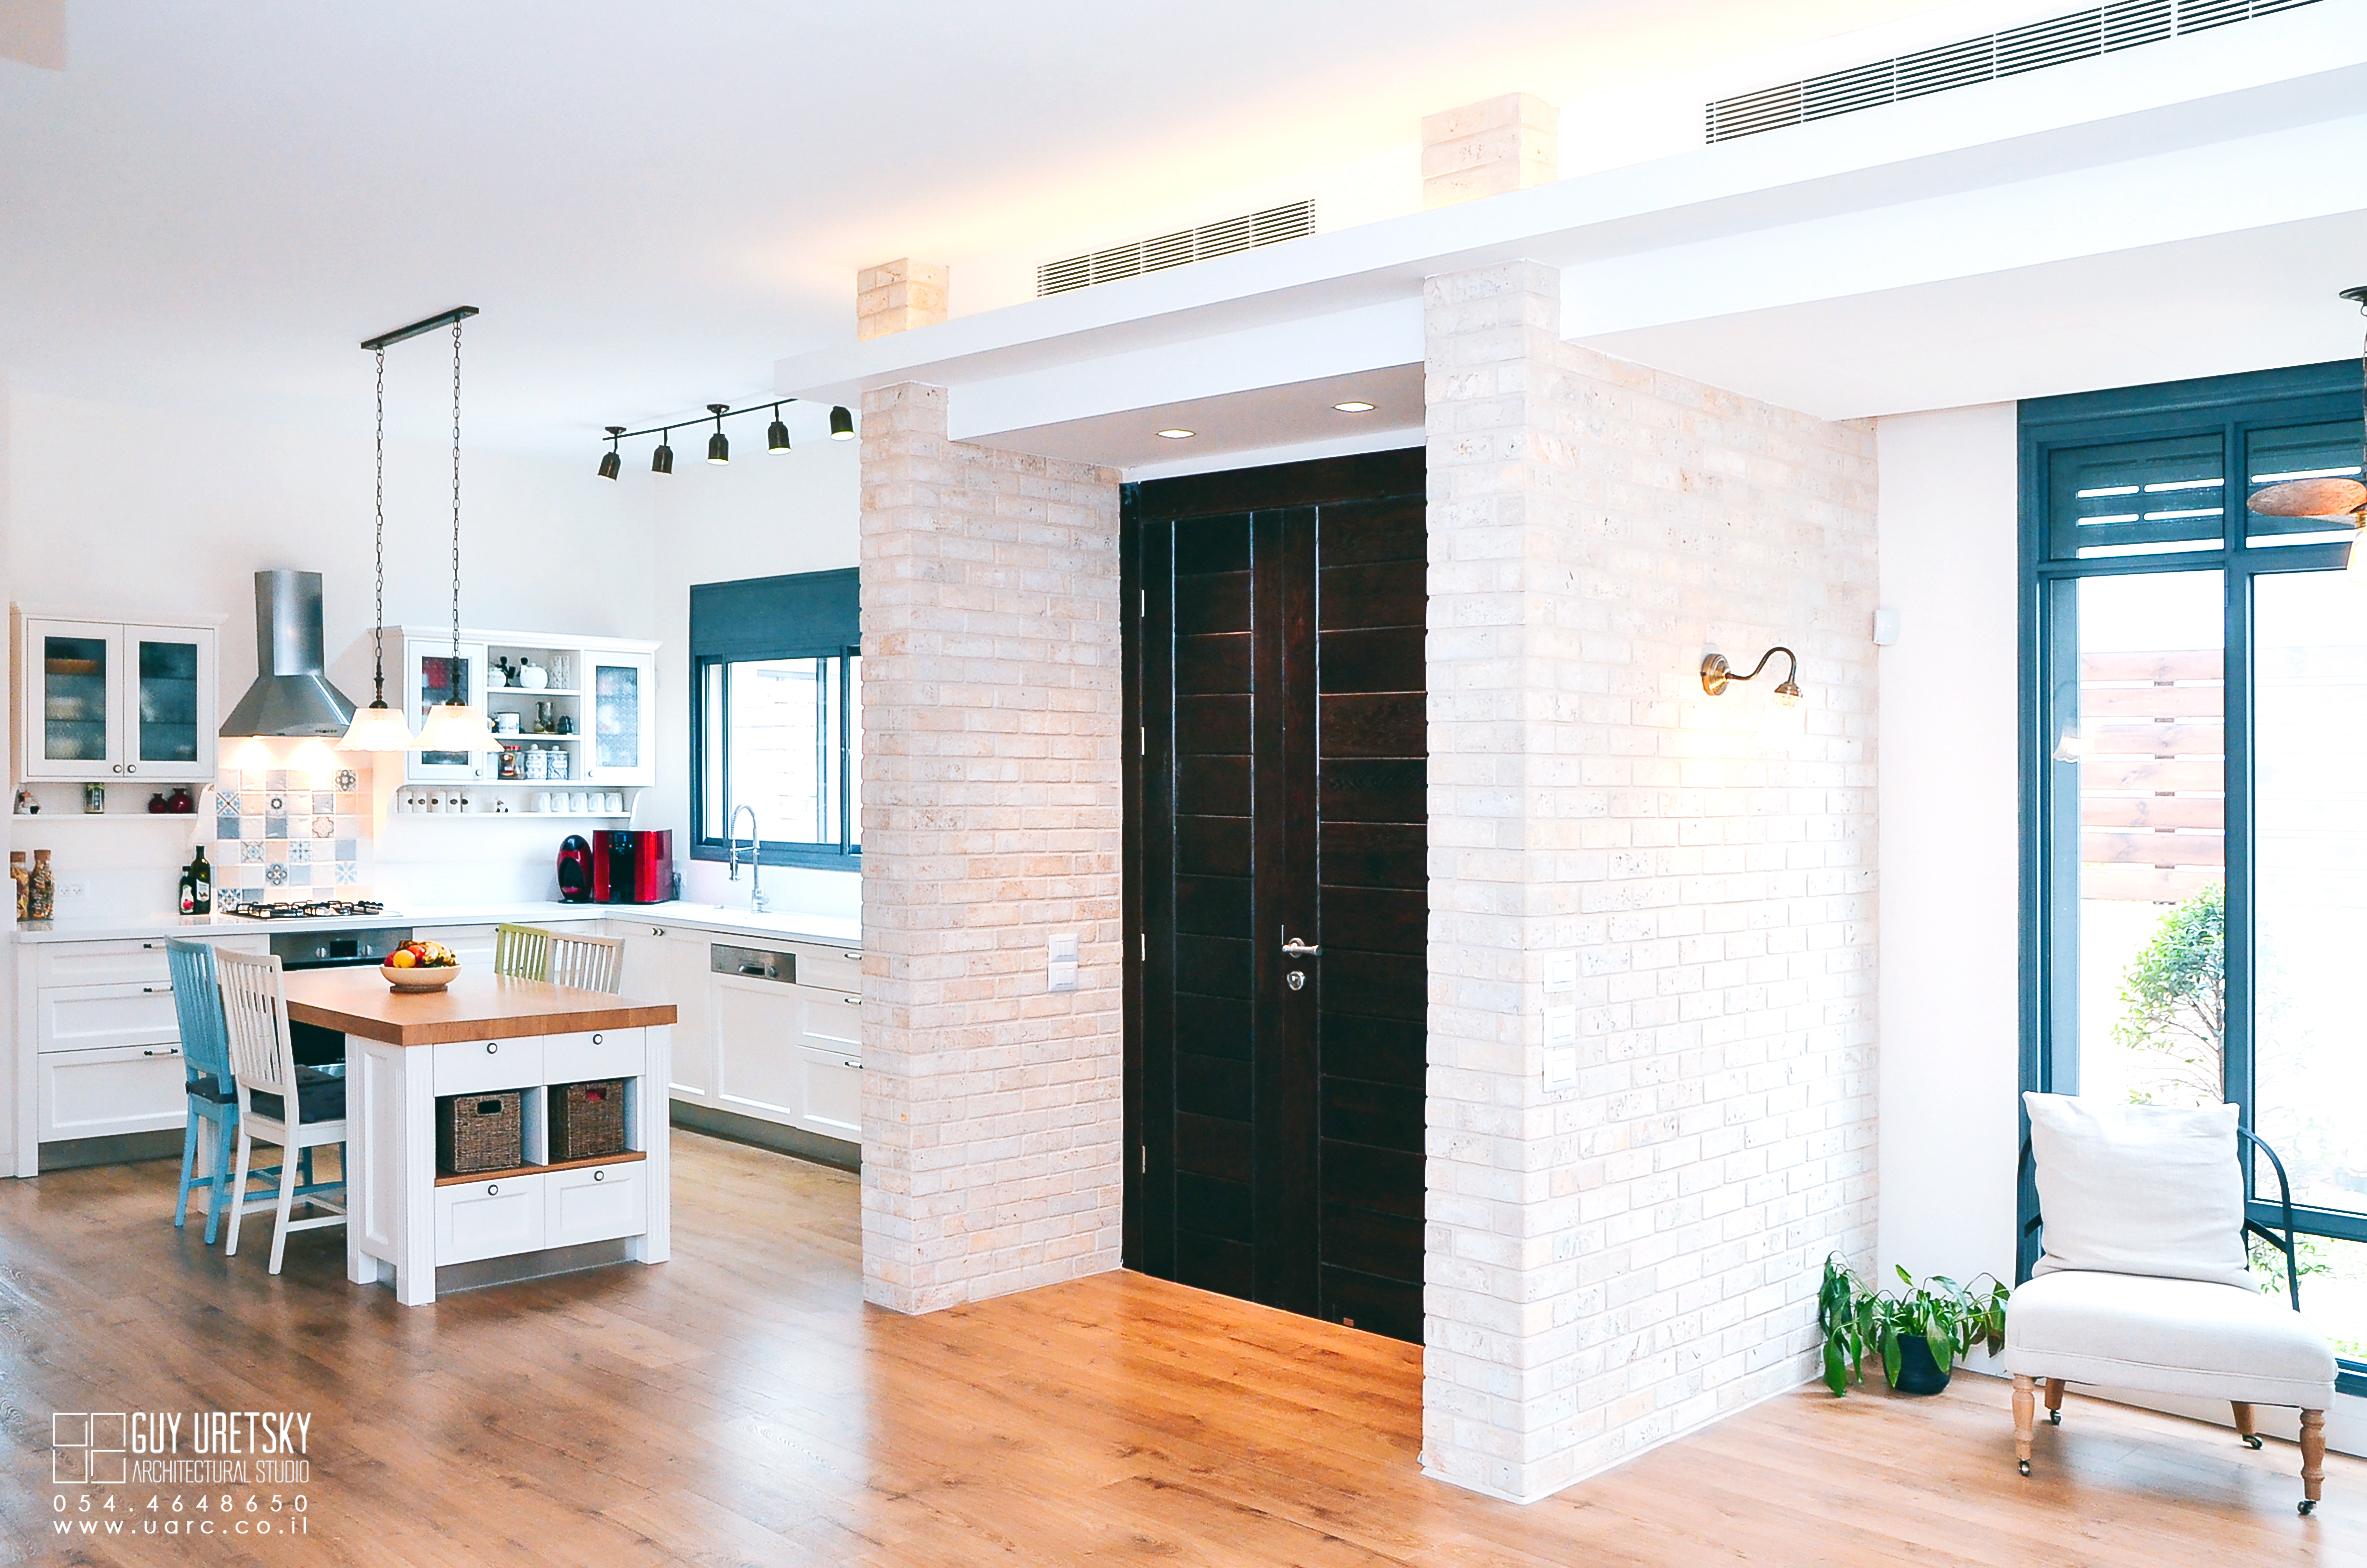 עיצוב בסגנון מודרני, כניסה